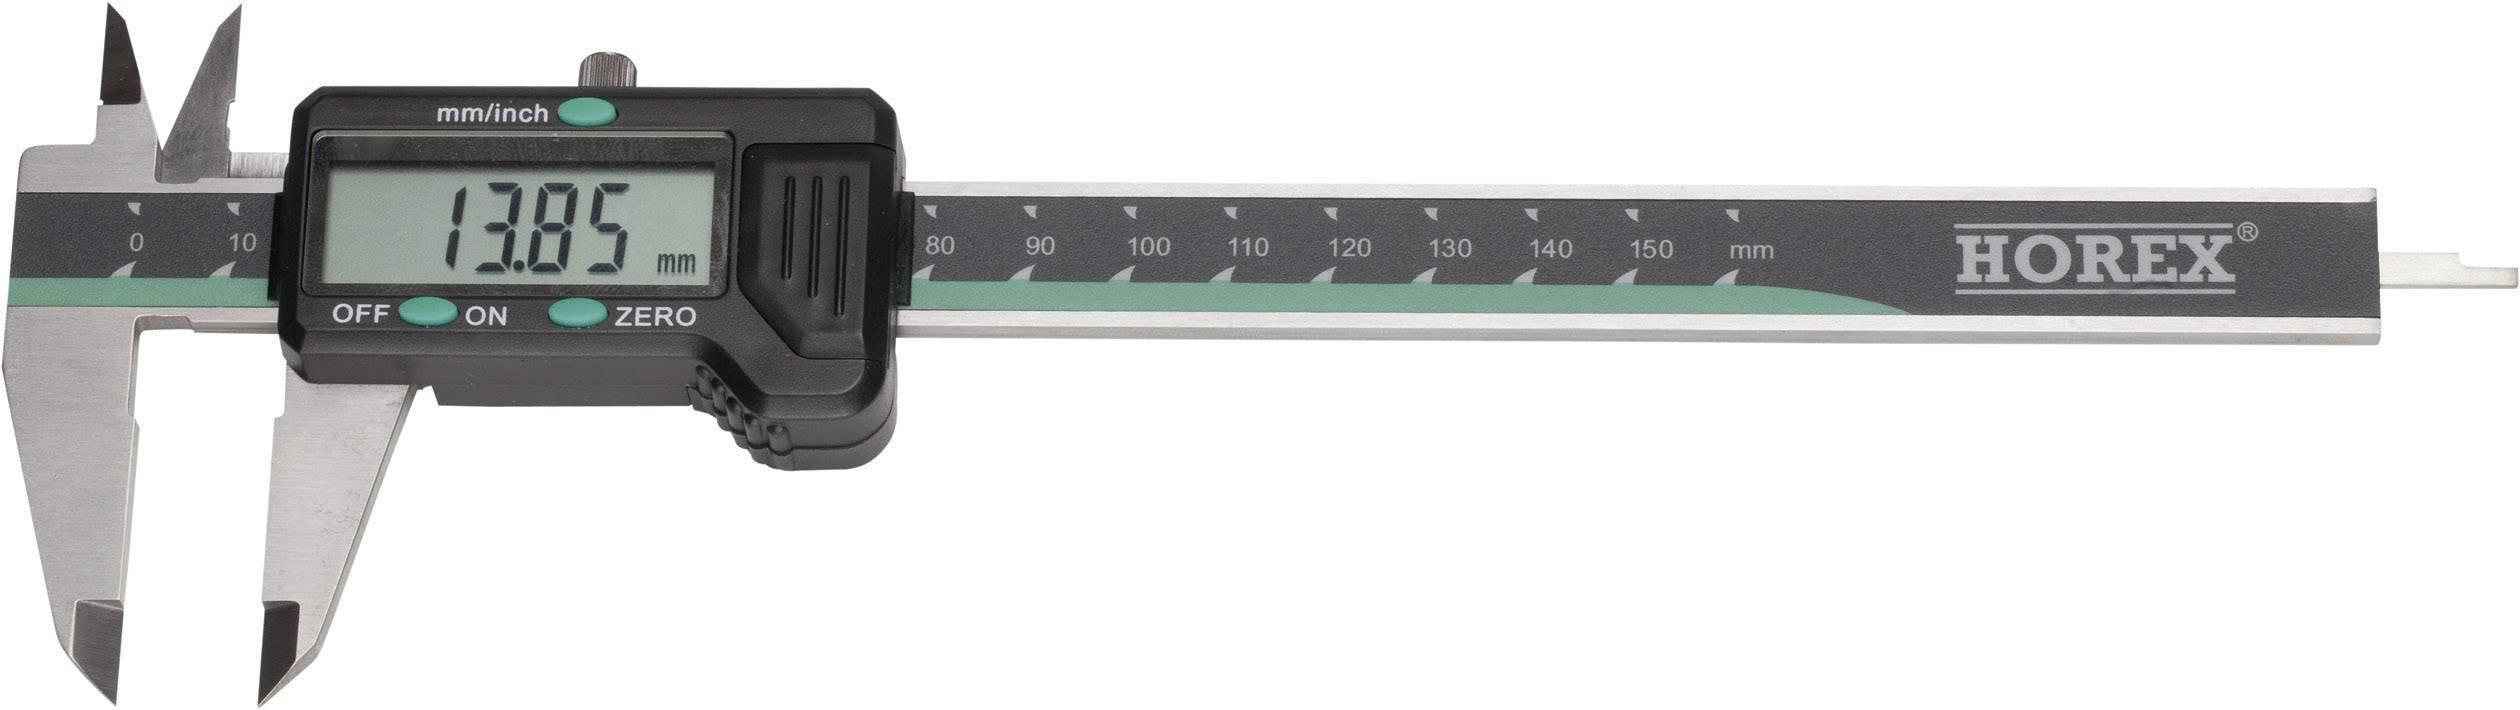 Digitální posuvné měřítko Horex 2211216, měřicí rozsah 150 mm, Kalibrováno dle vlastní